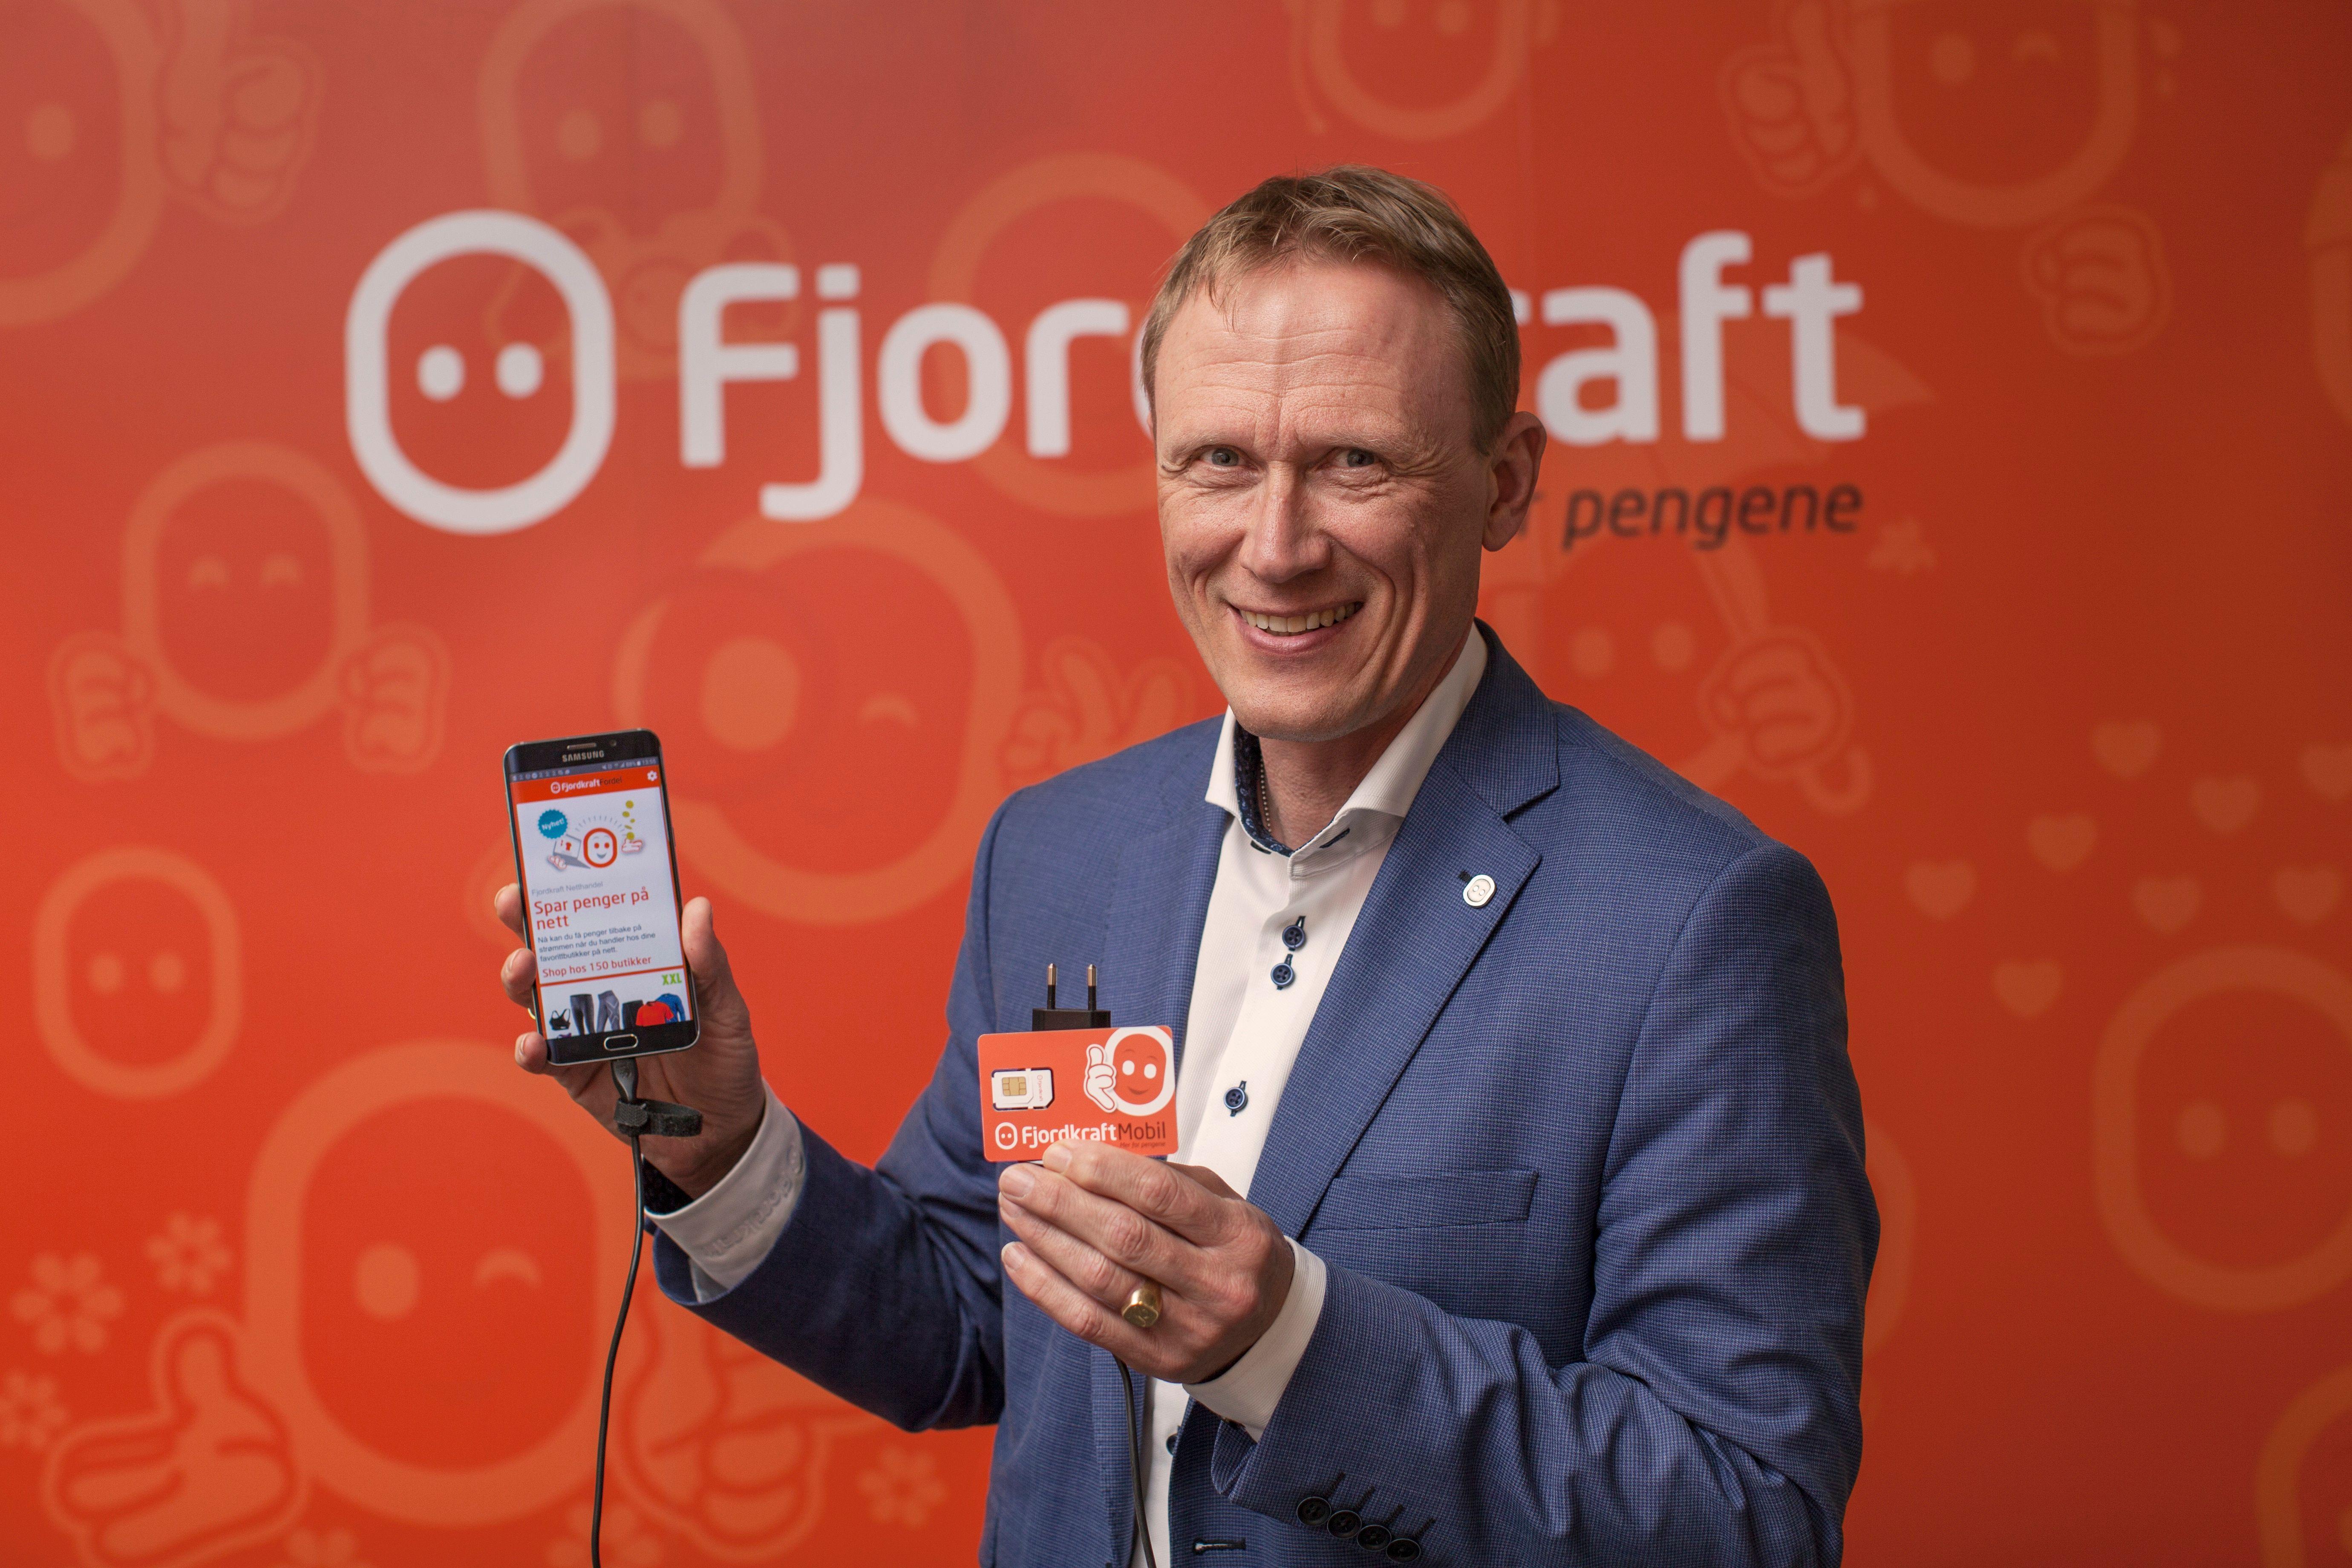 Nå skal Fjordkraft også levere mobiltelefoni. Her administrerende direktør Rolf Barmen